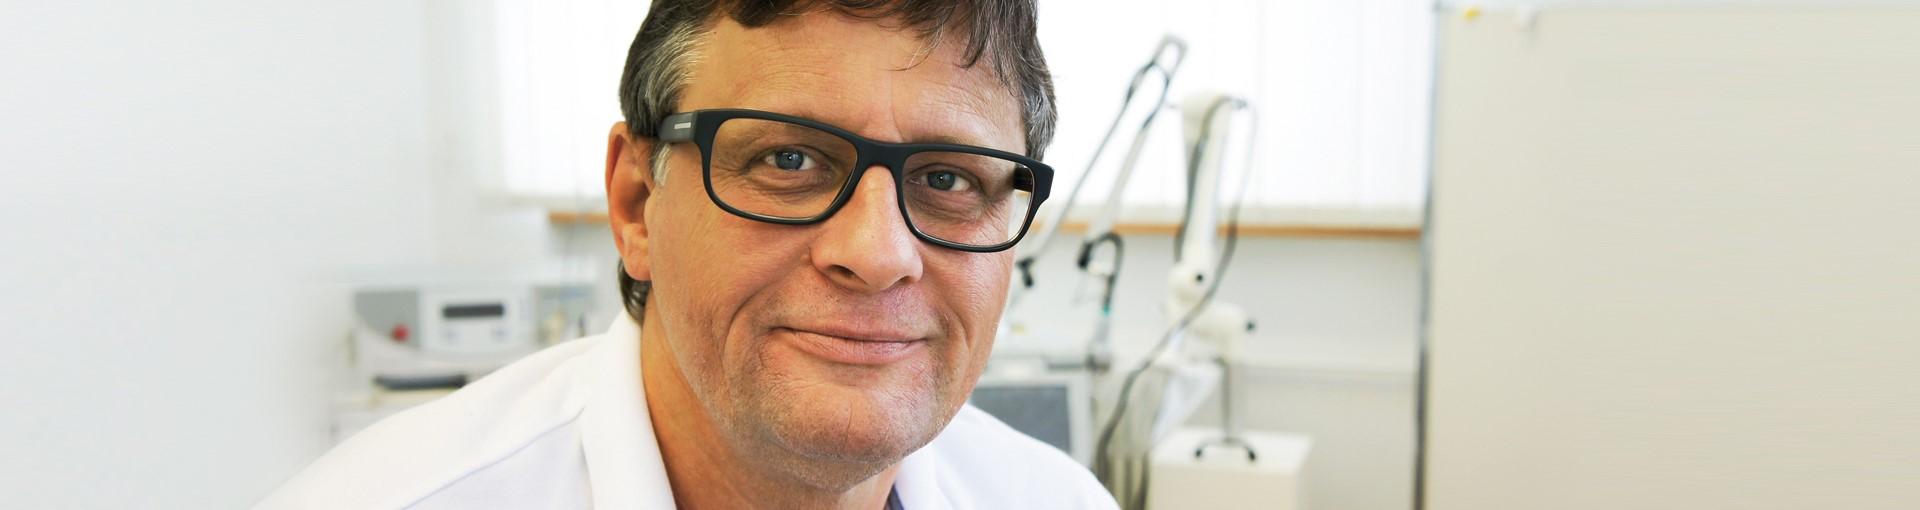 Dr Schubert in seiner Praxis